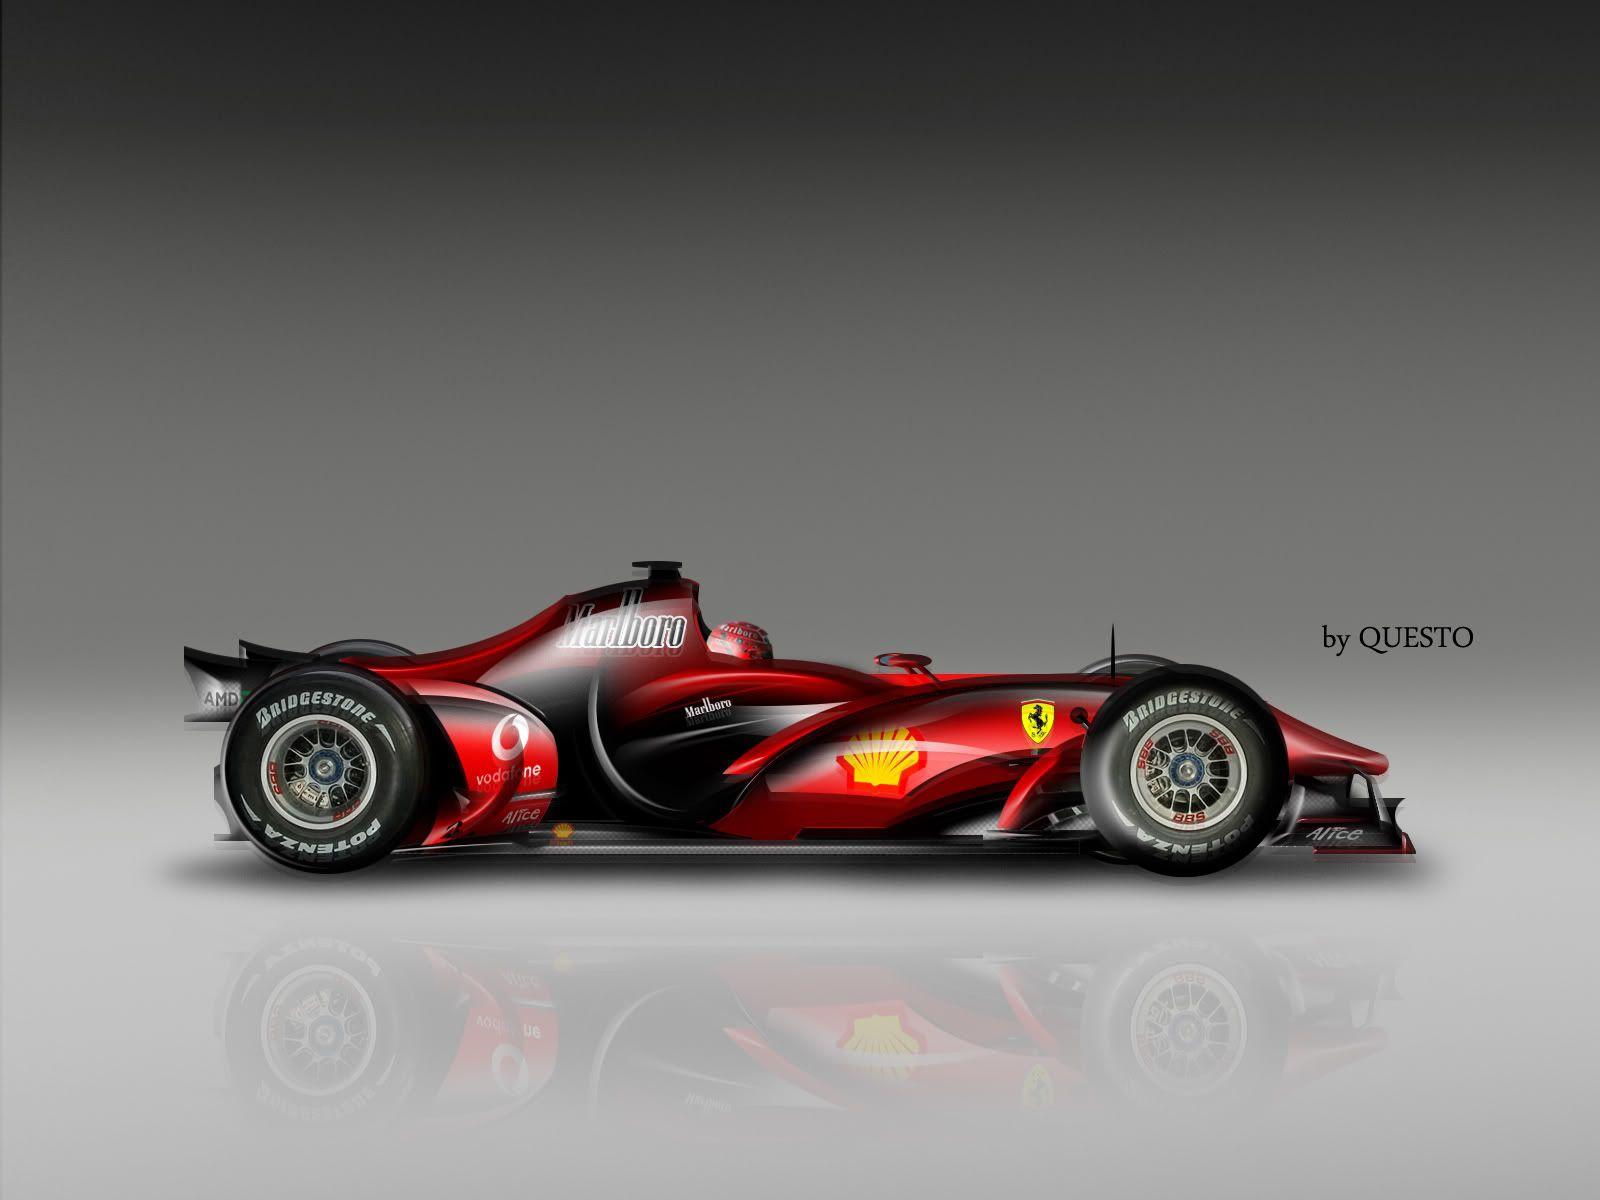 Ferrari 2020 F1 Concept Model Reveals With Images Ferrari F1